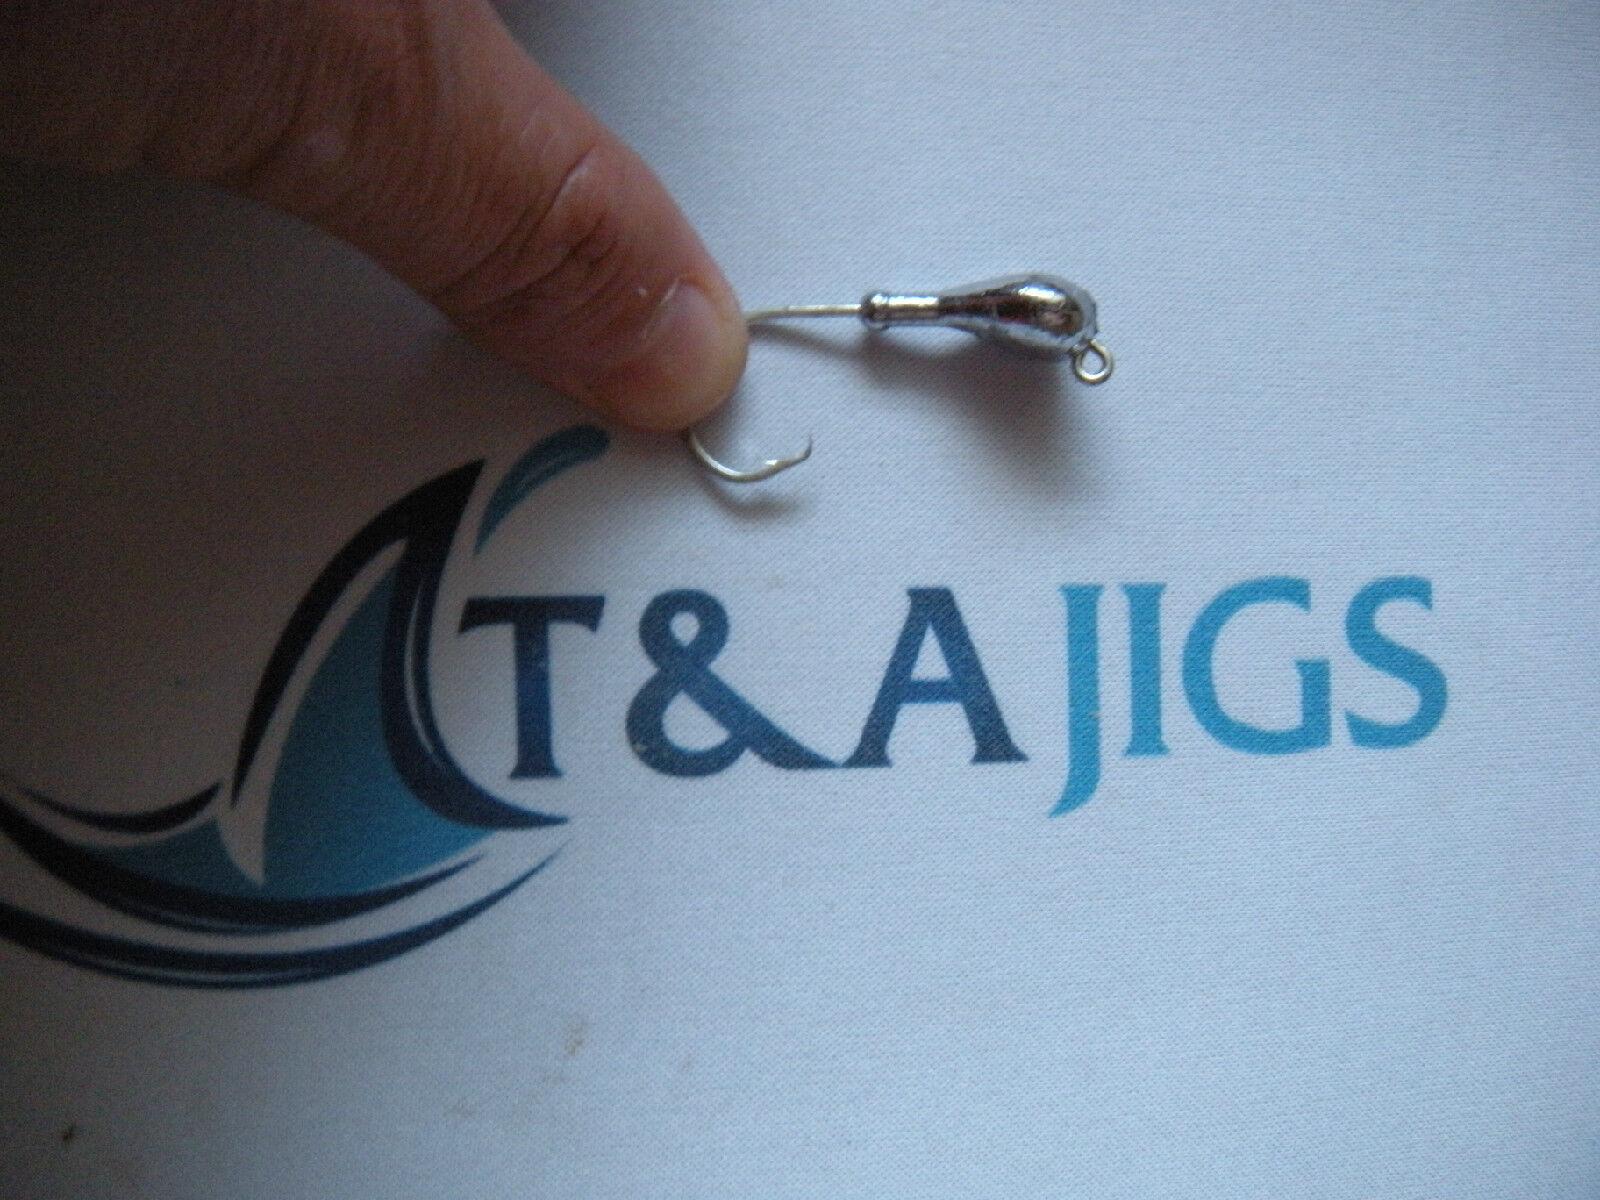 25 3 16 oz  Jigs Saltwater Circle Hooks Jig Heads  SPARKIE  Lot of 25 T&A JIGS